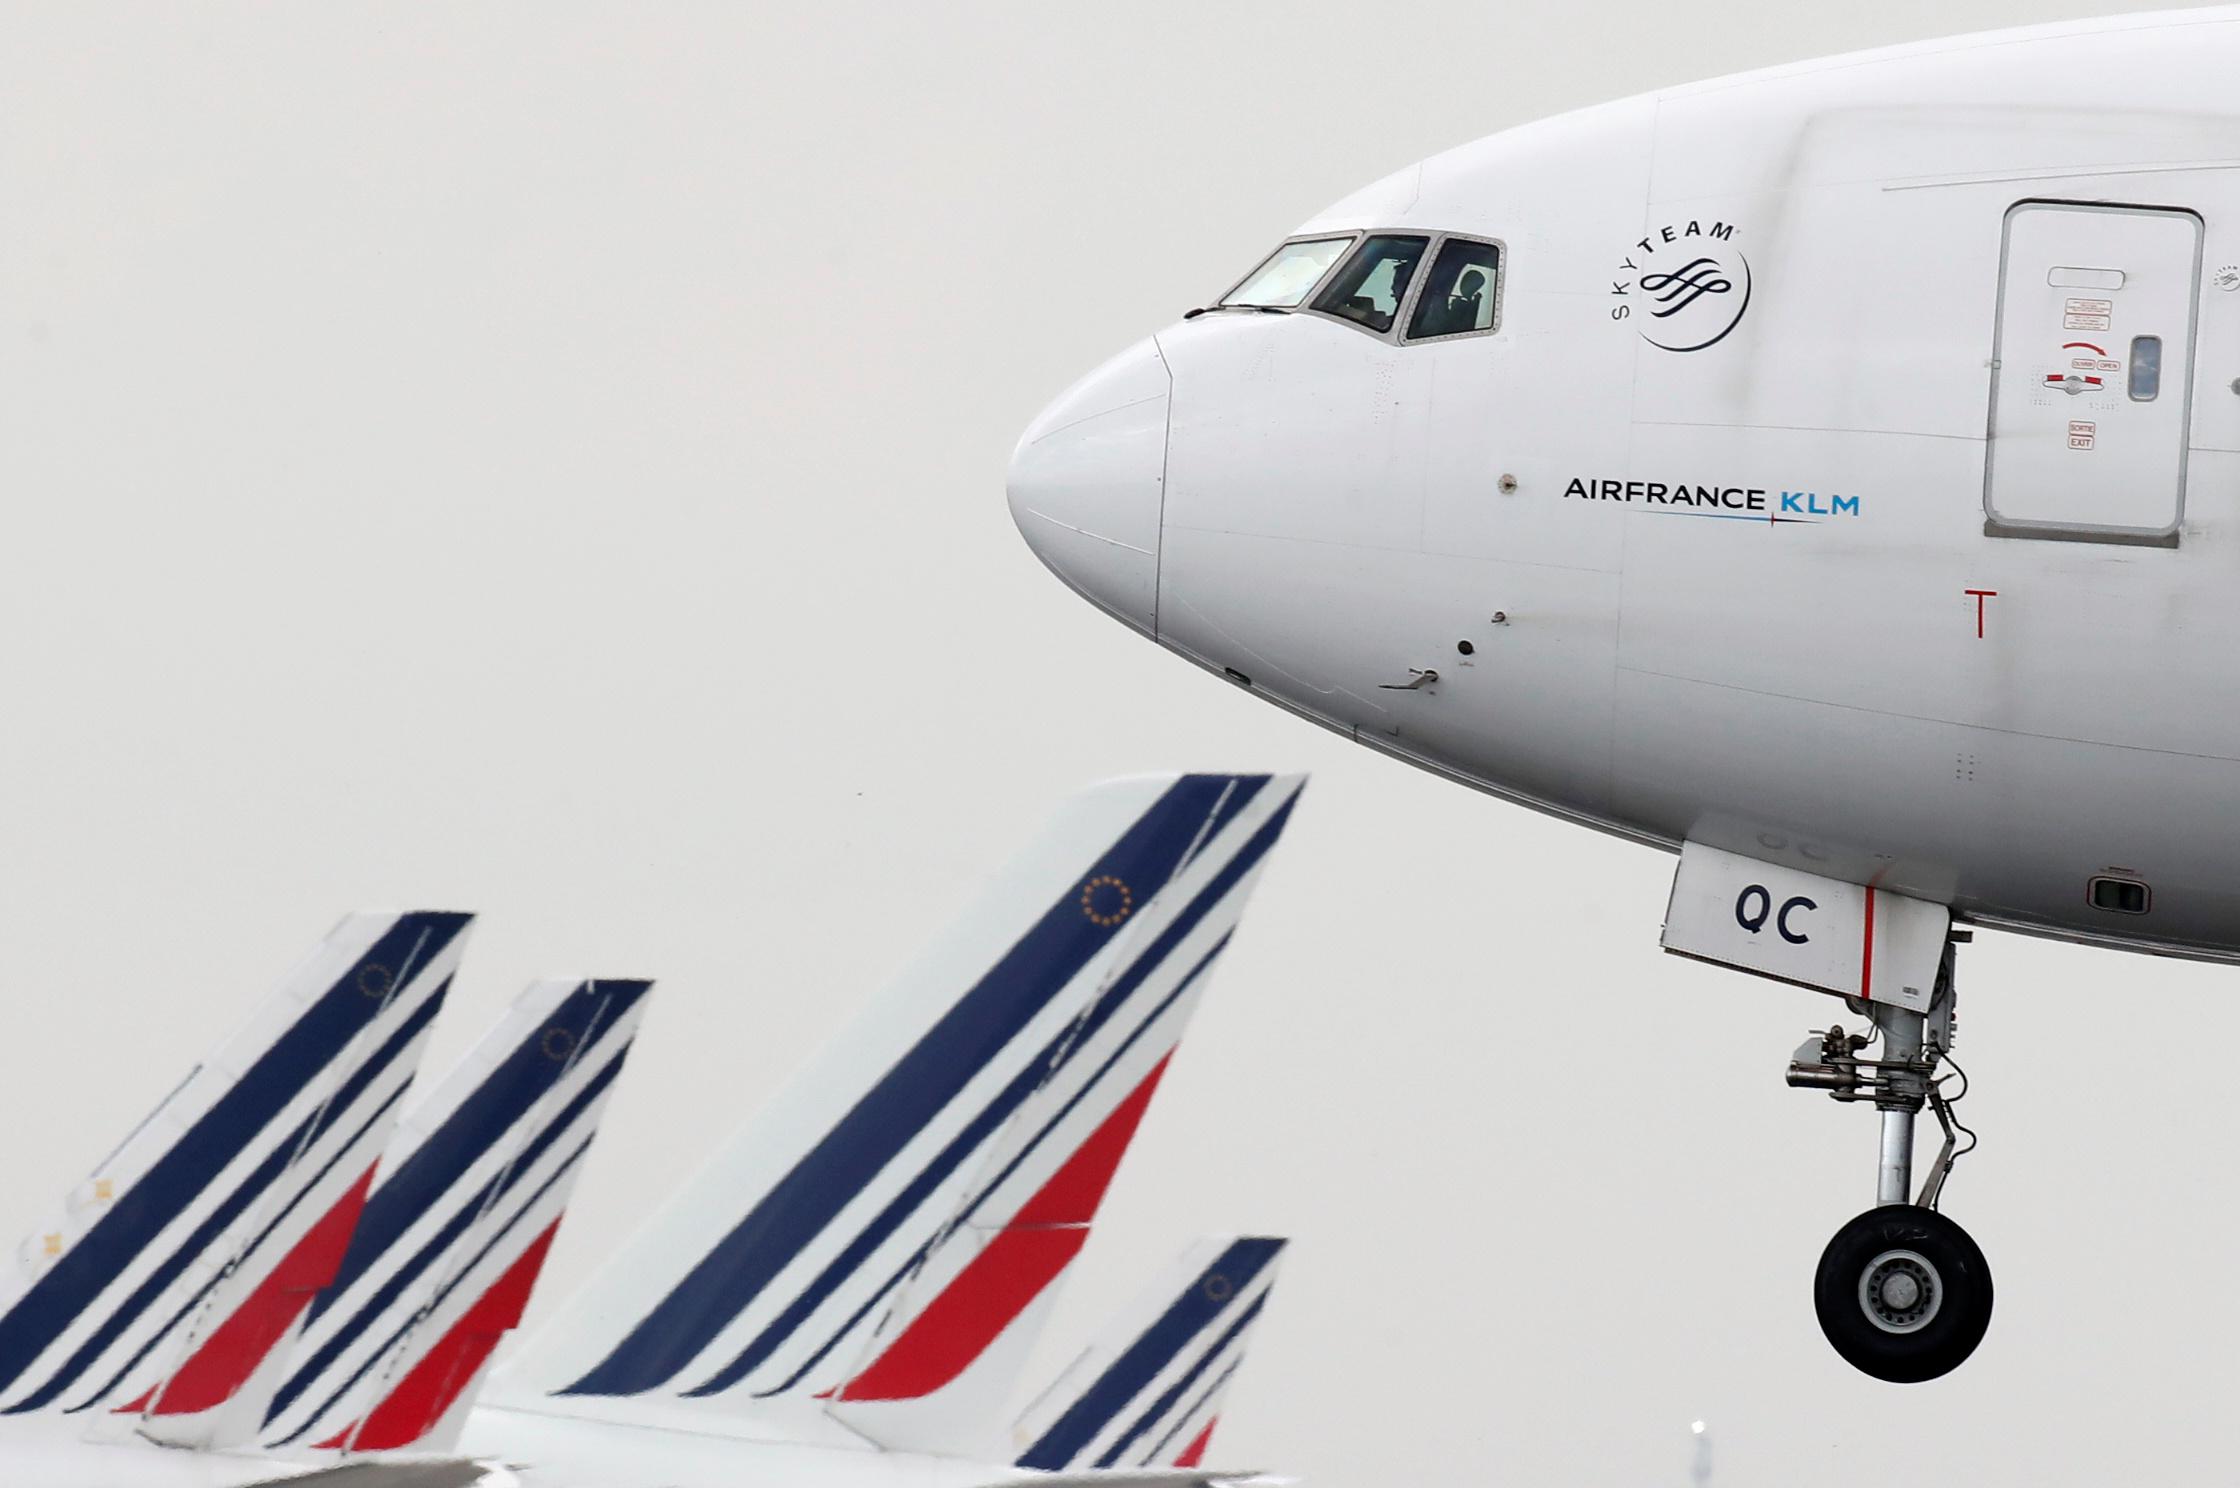 Air France veut supprimer plus de 7.500 postes d'ici 2022, rapporte l'AFP